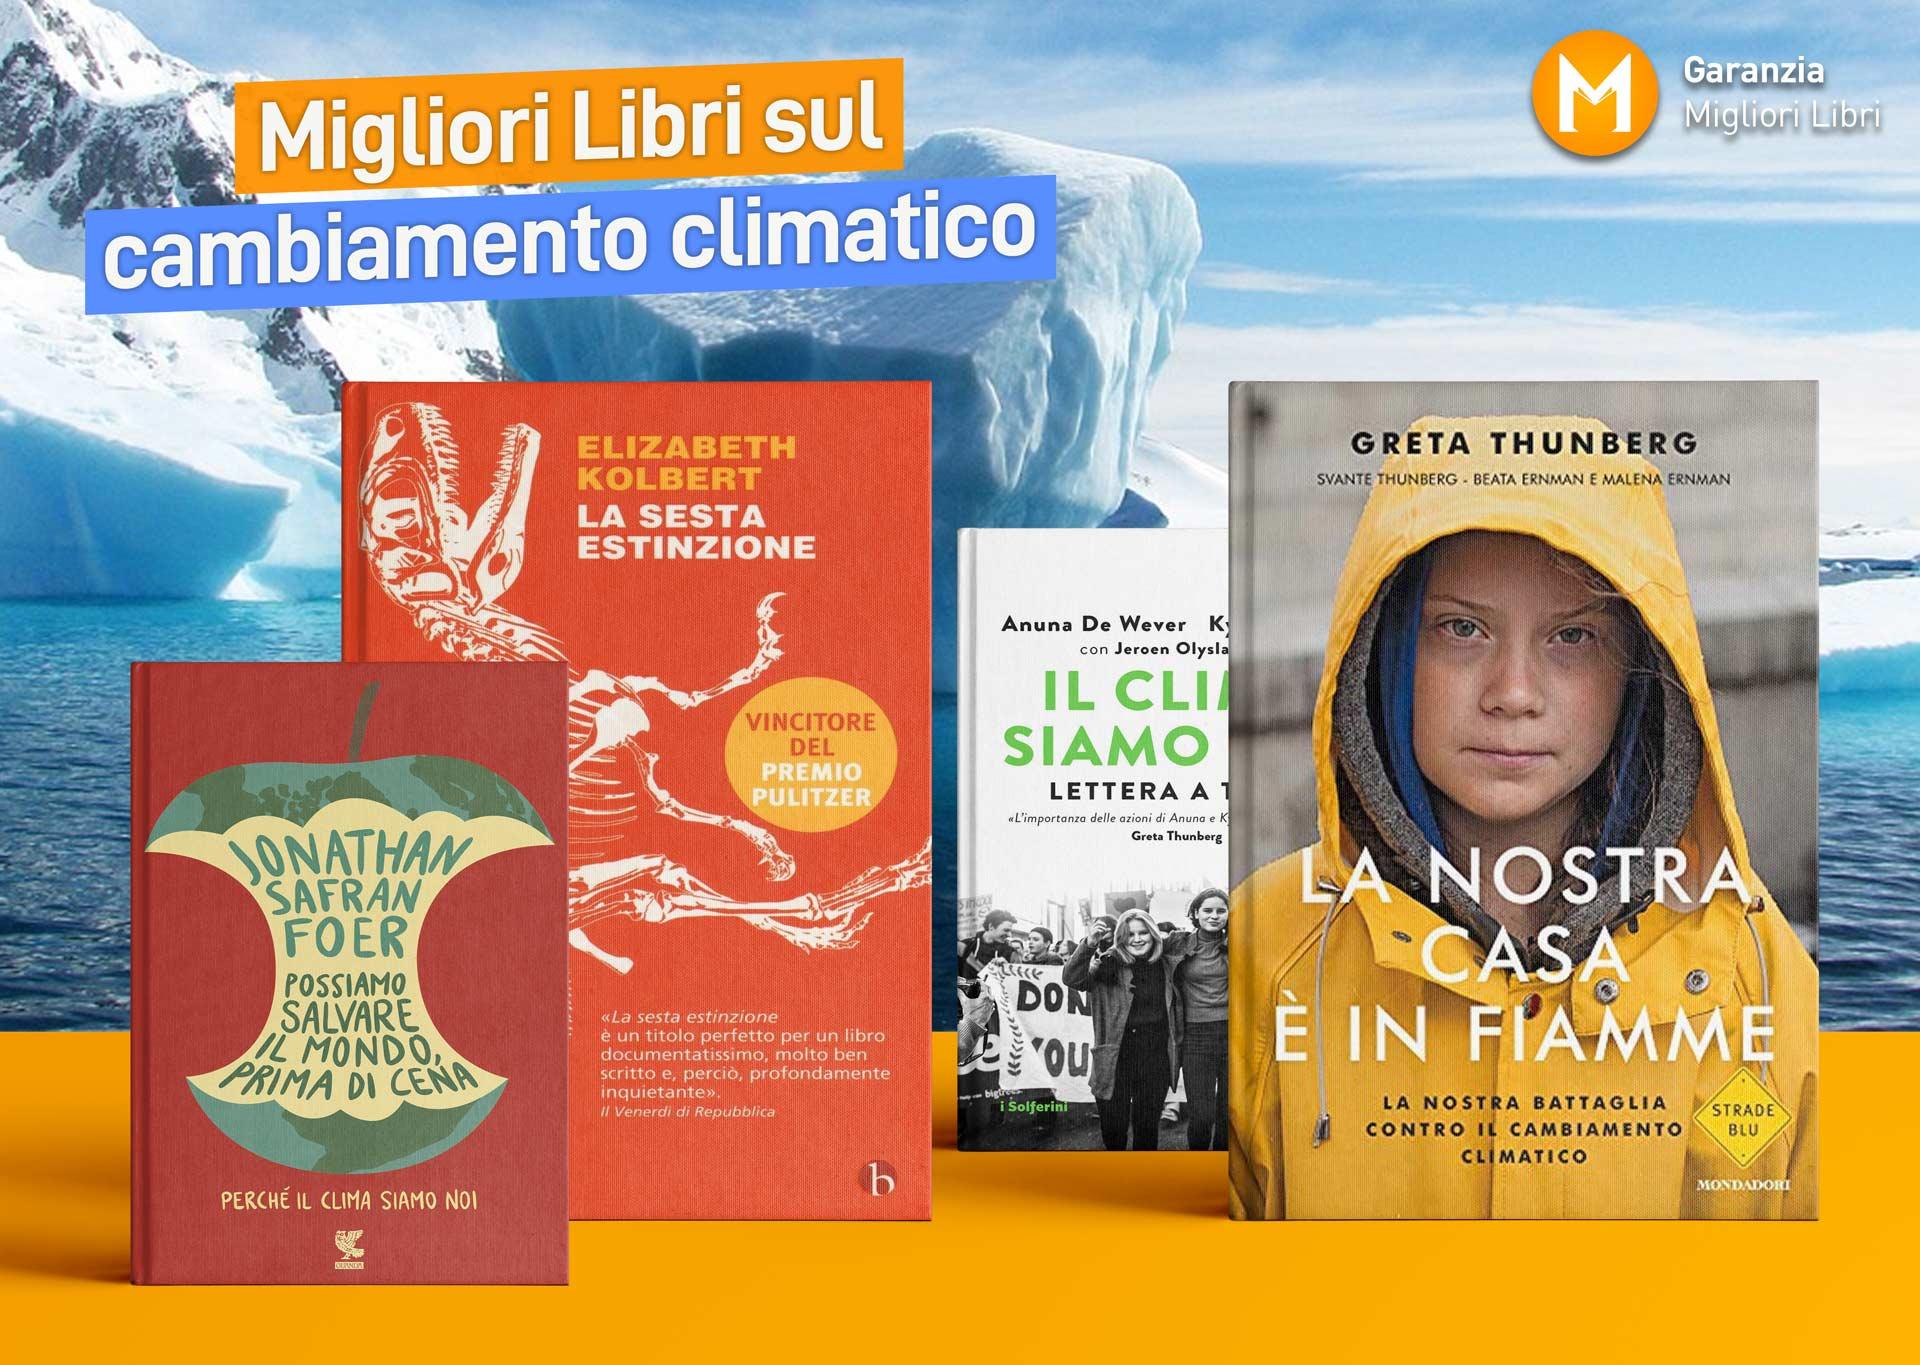 libri-sul-cambiamento-climatico